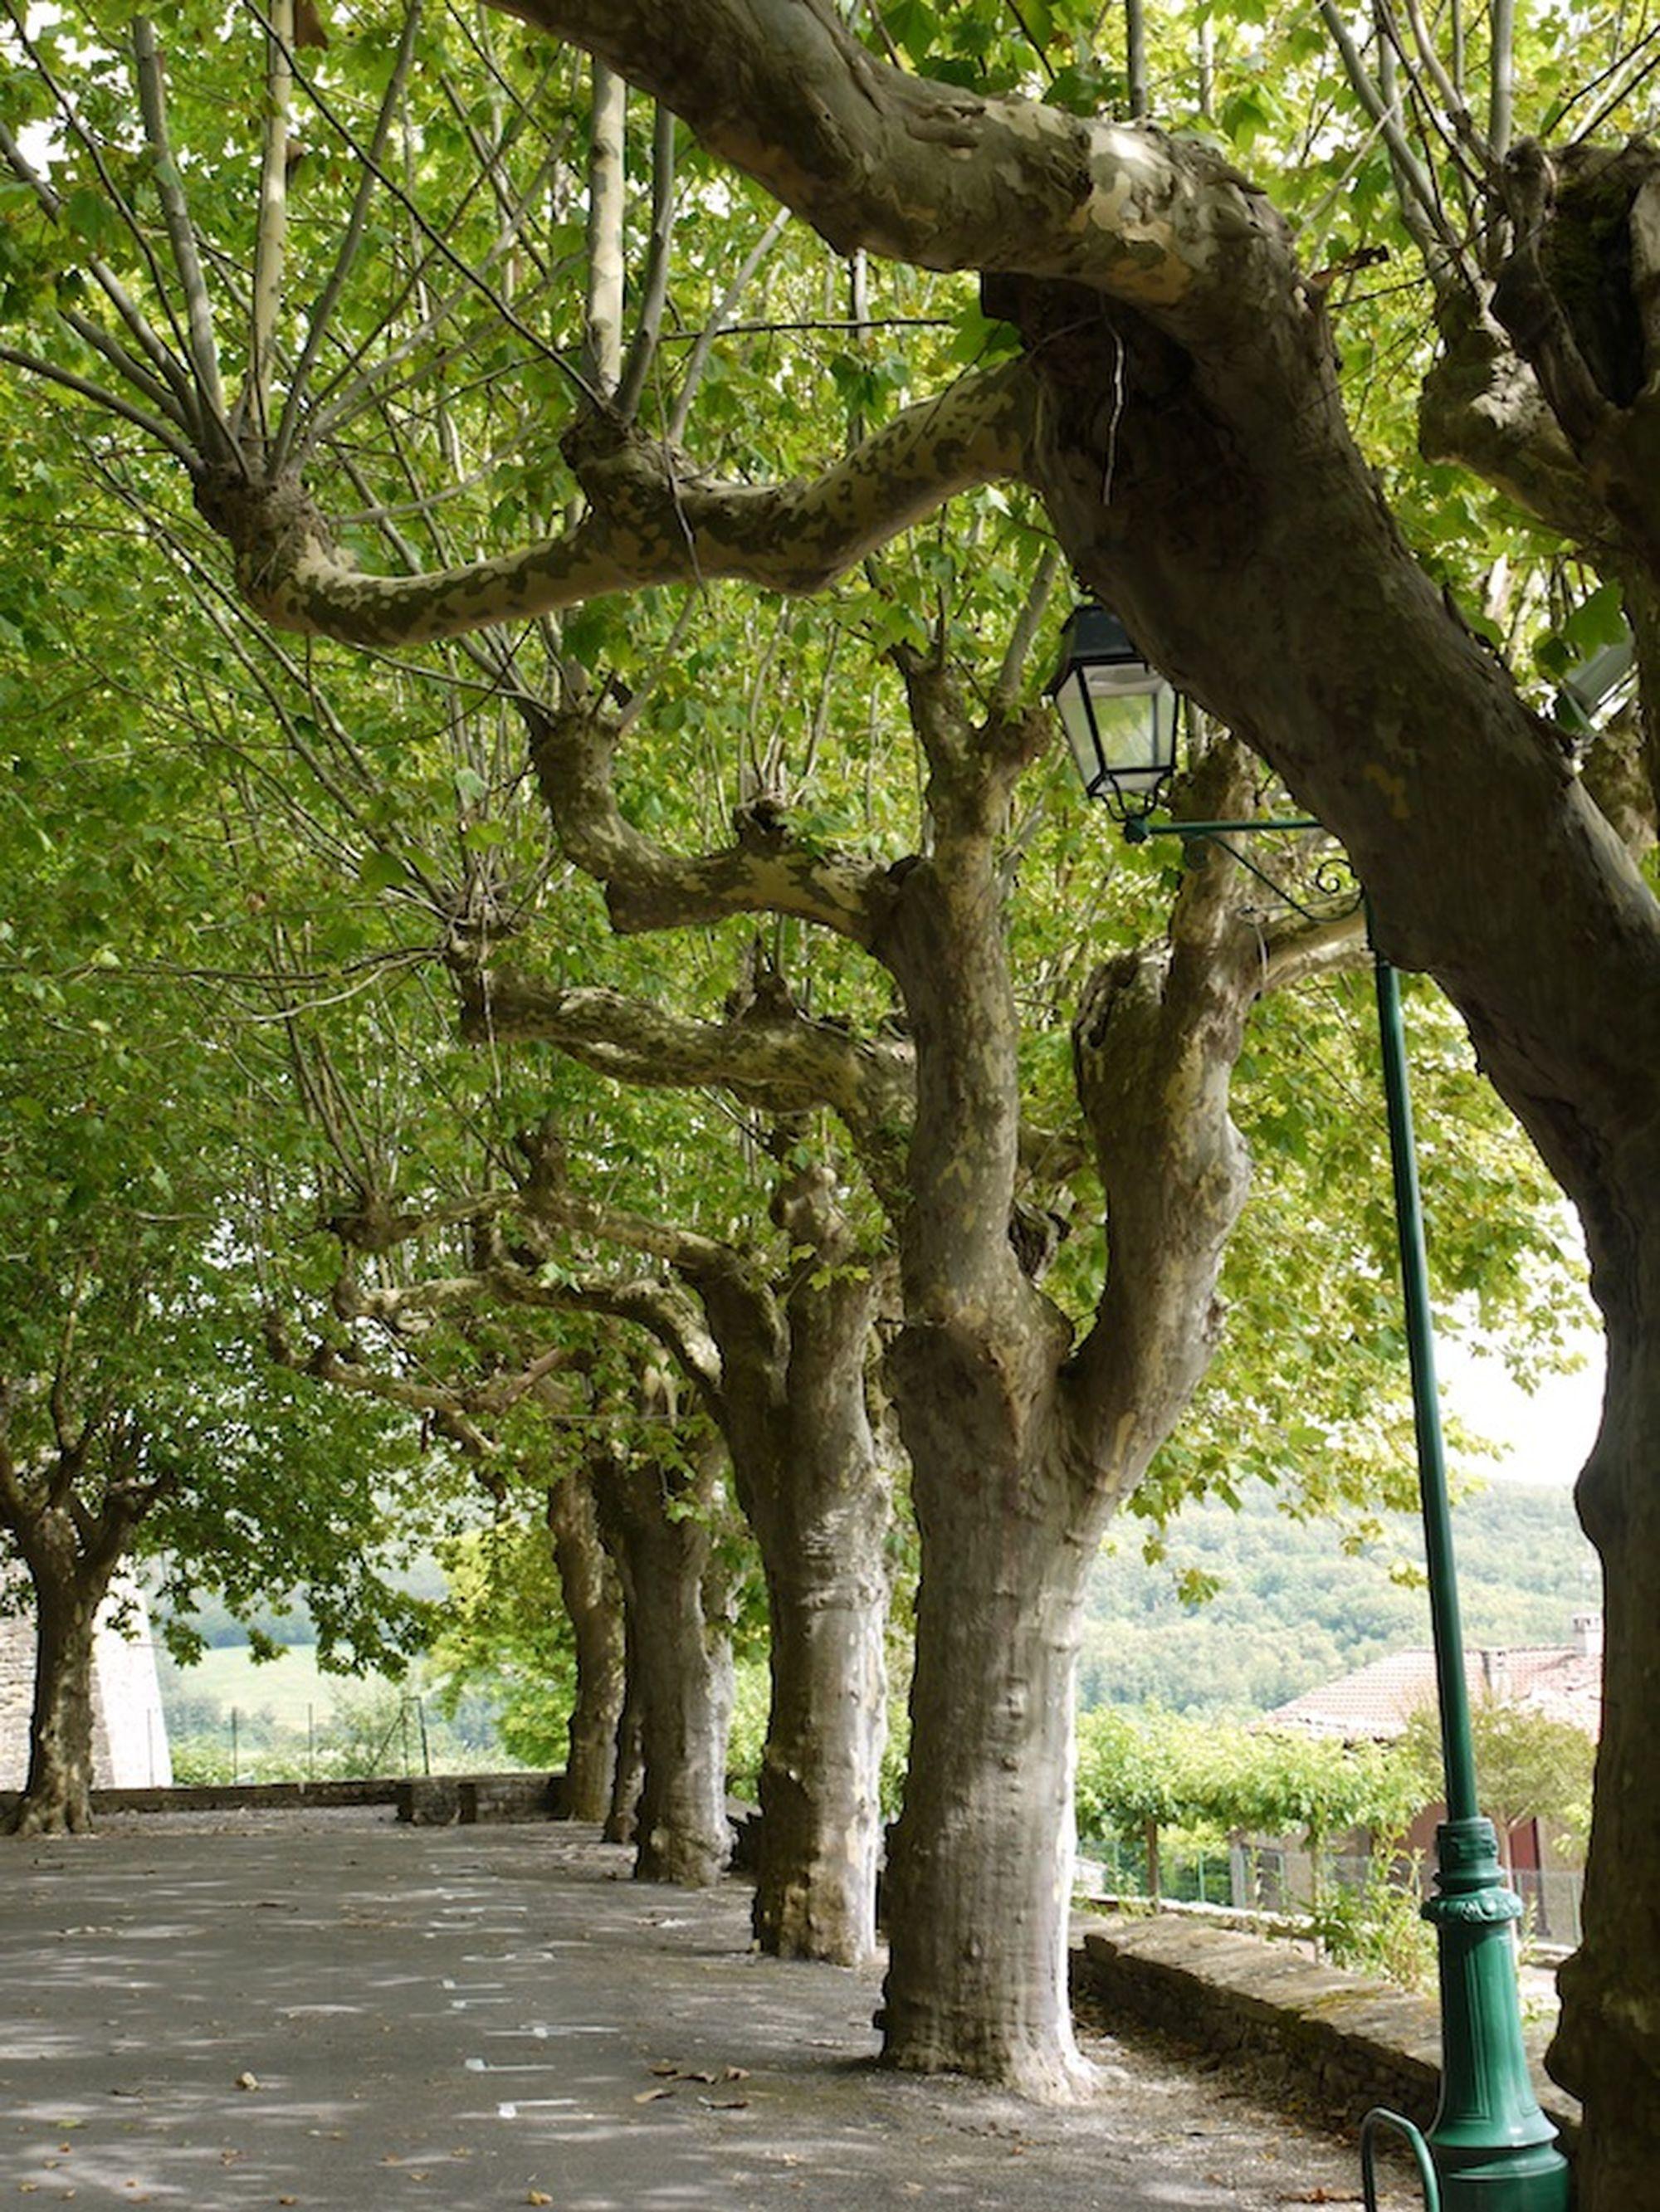 Niwaki Plane Trees In France